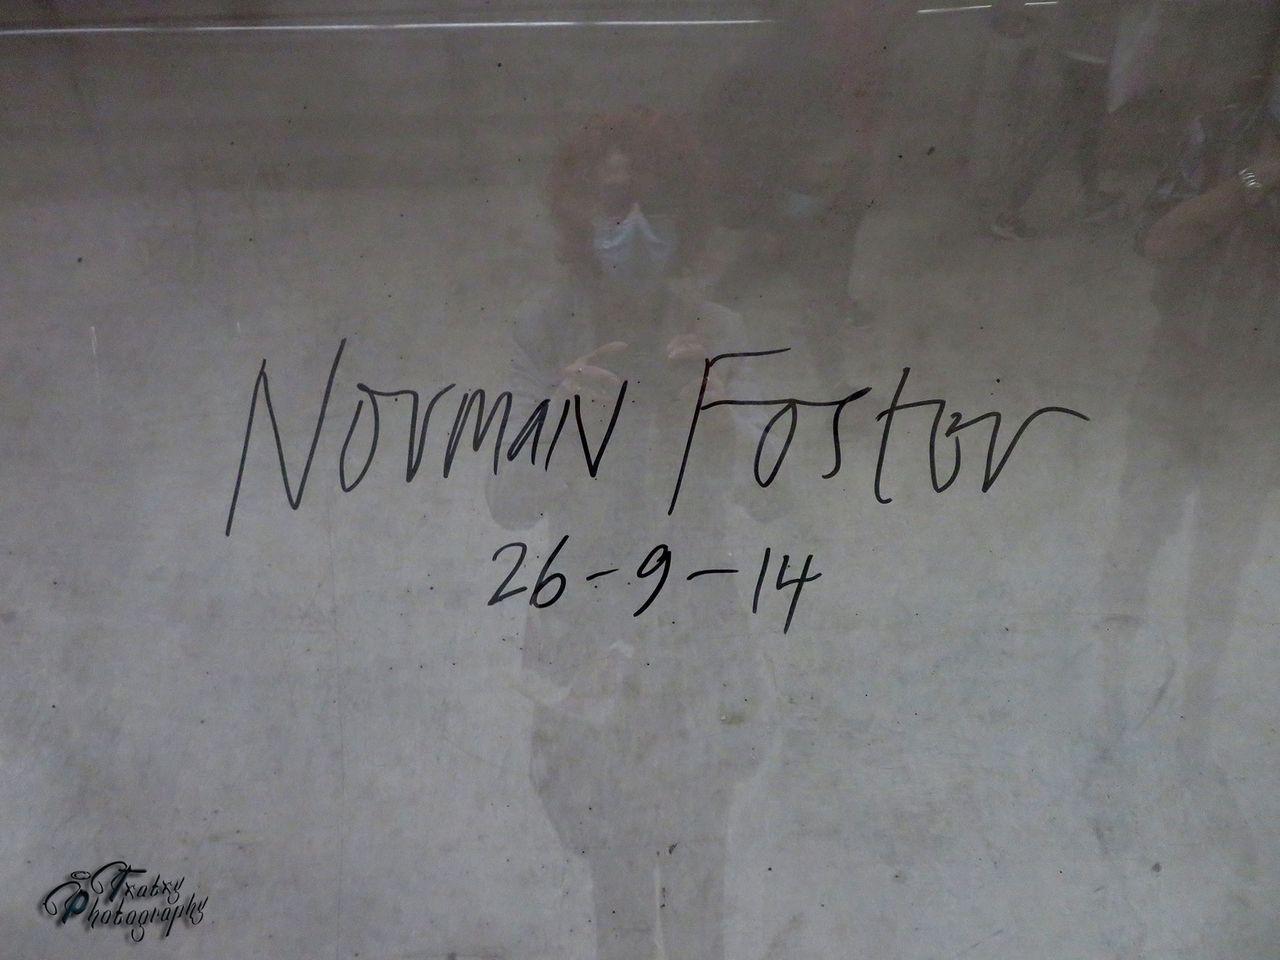 firma Norman Foster.jpg